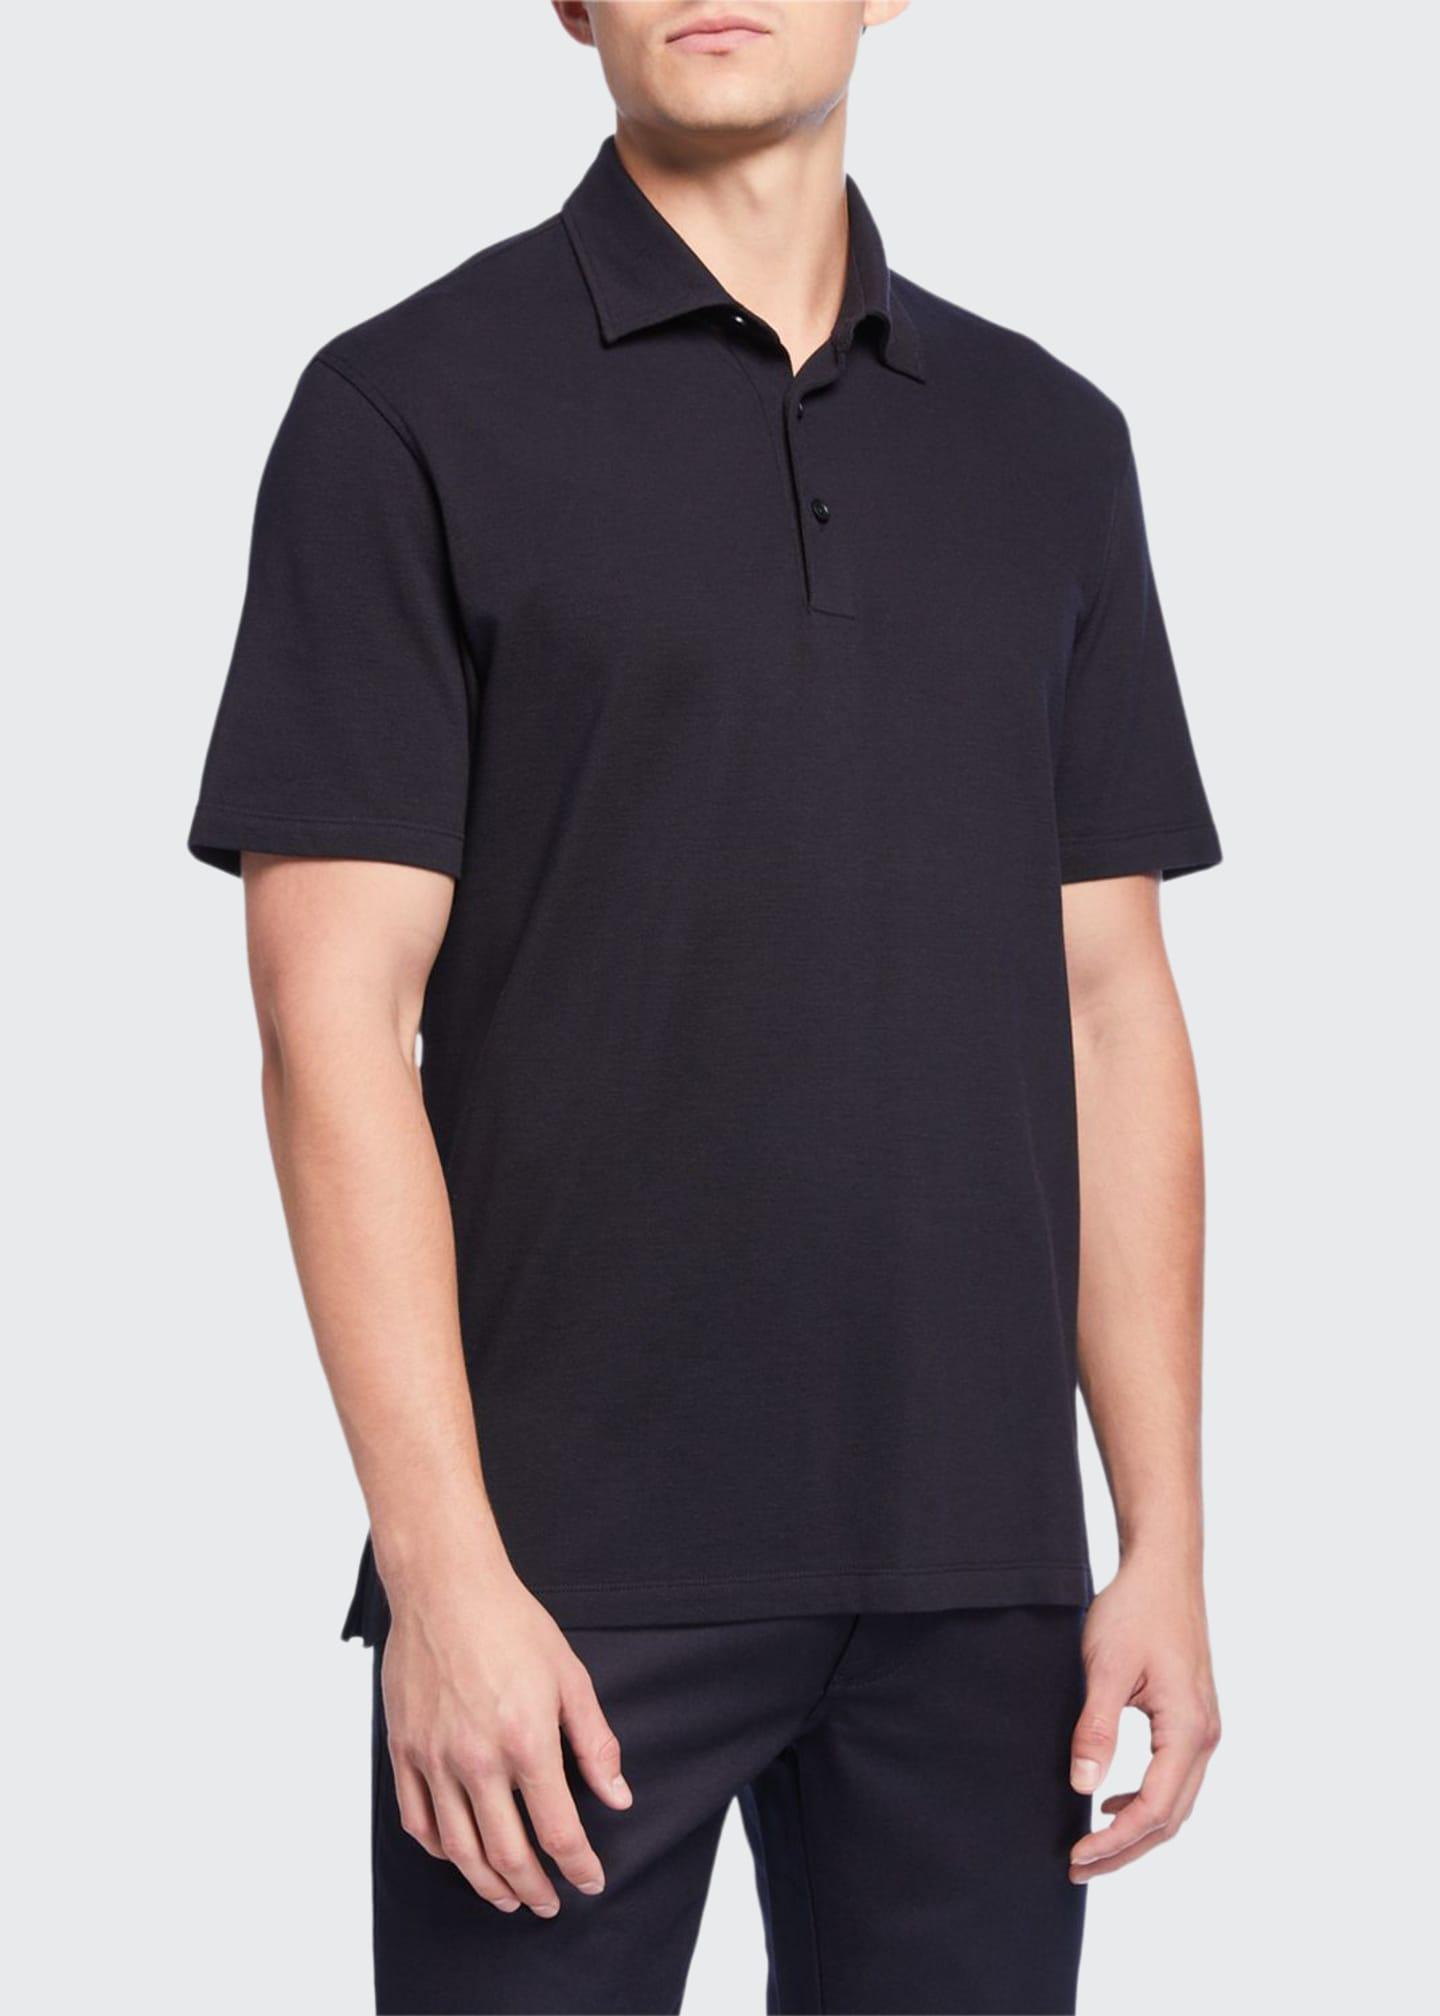 Ermenegildo Zegna Men's Pique Polo Shirt, Navy/Black